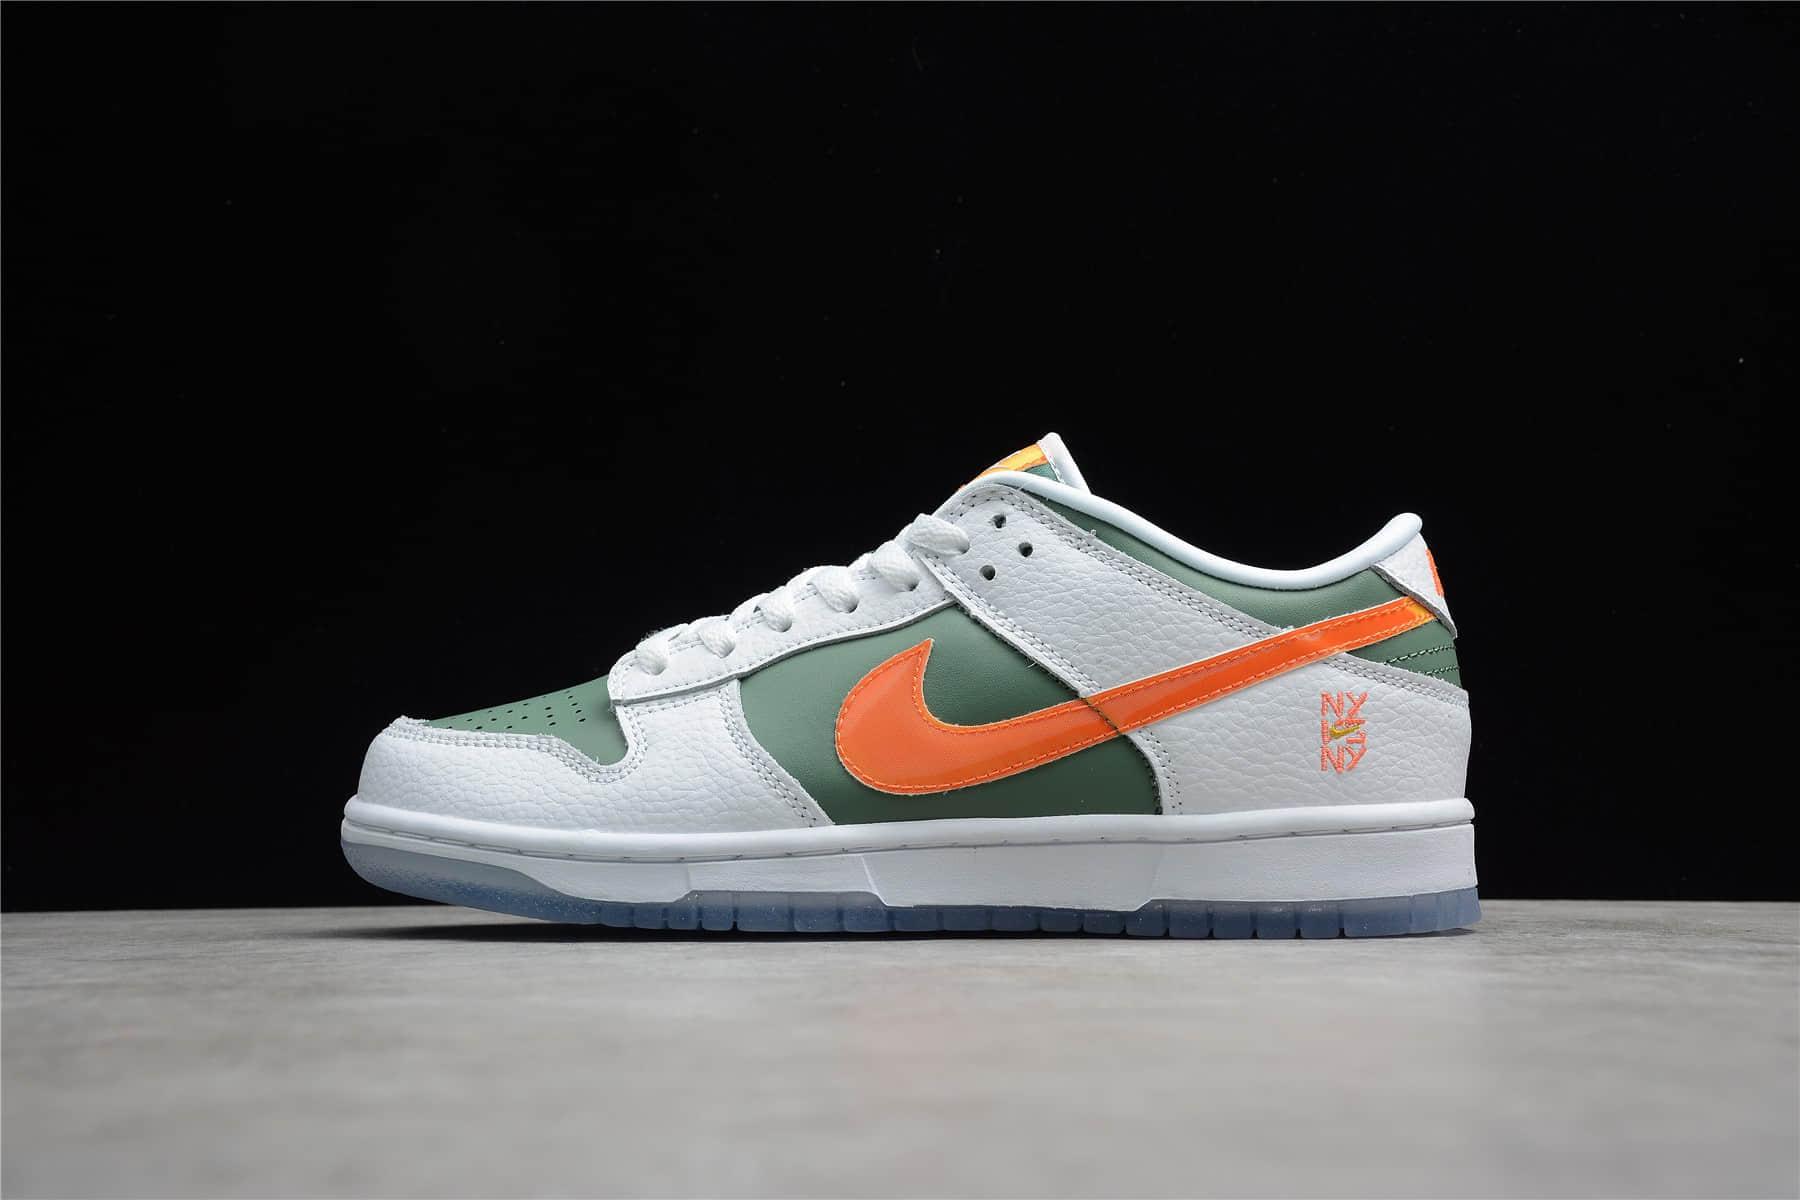 耐克Dunk纽约白绿橙低帮 Nike Dunk Low NY vs. NY 耐克Dunk莆田纯原版本 耐克Dunk联名款板鞋 货号:DN2489-300-潮流者之家